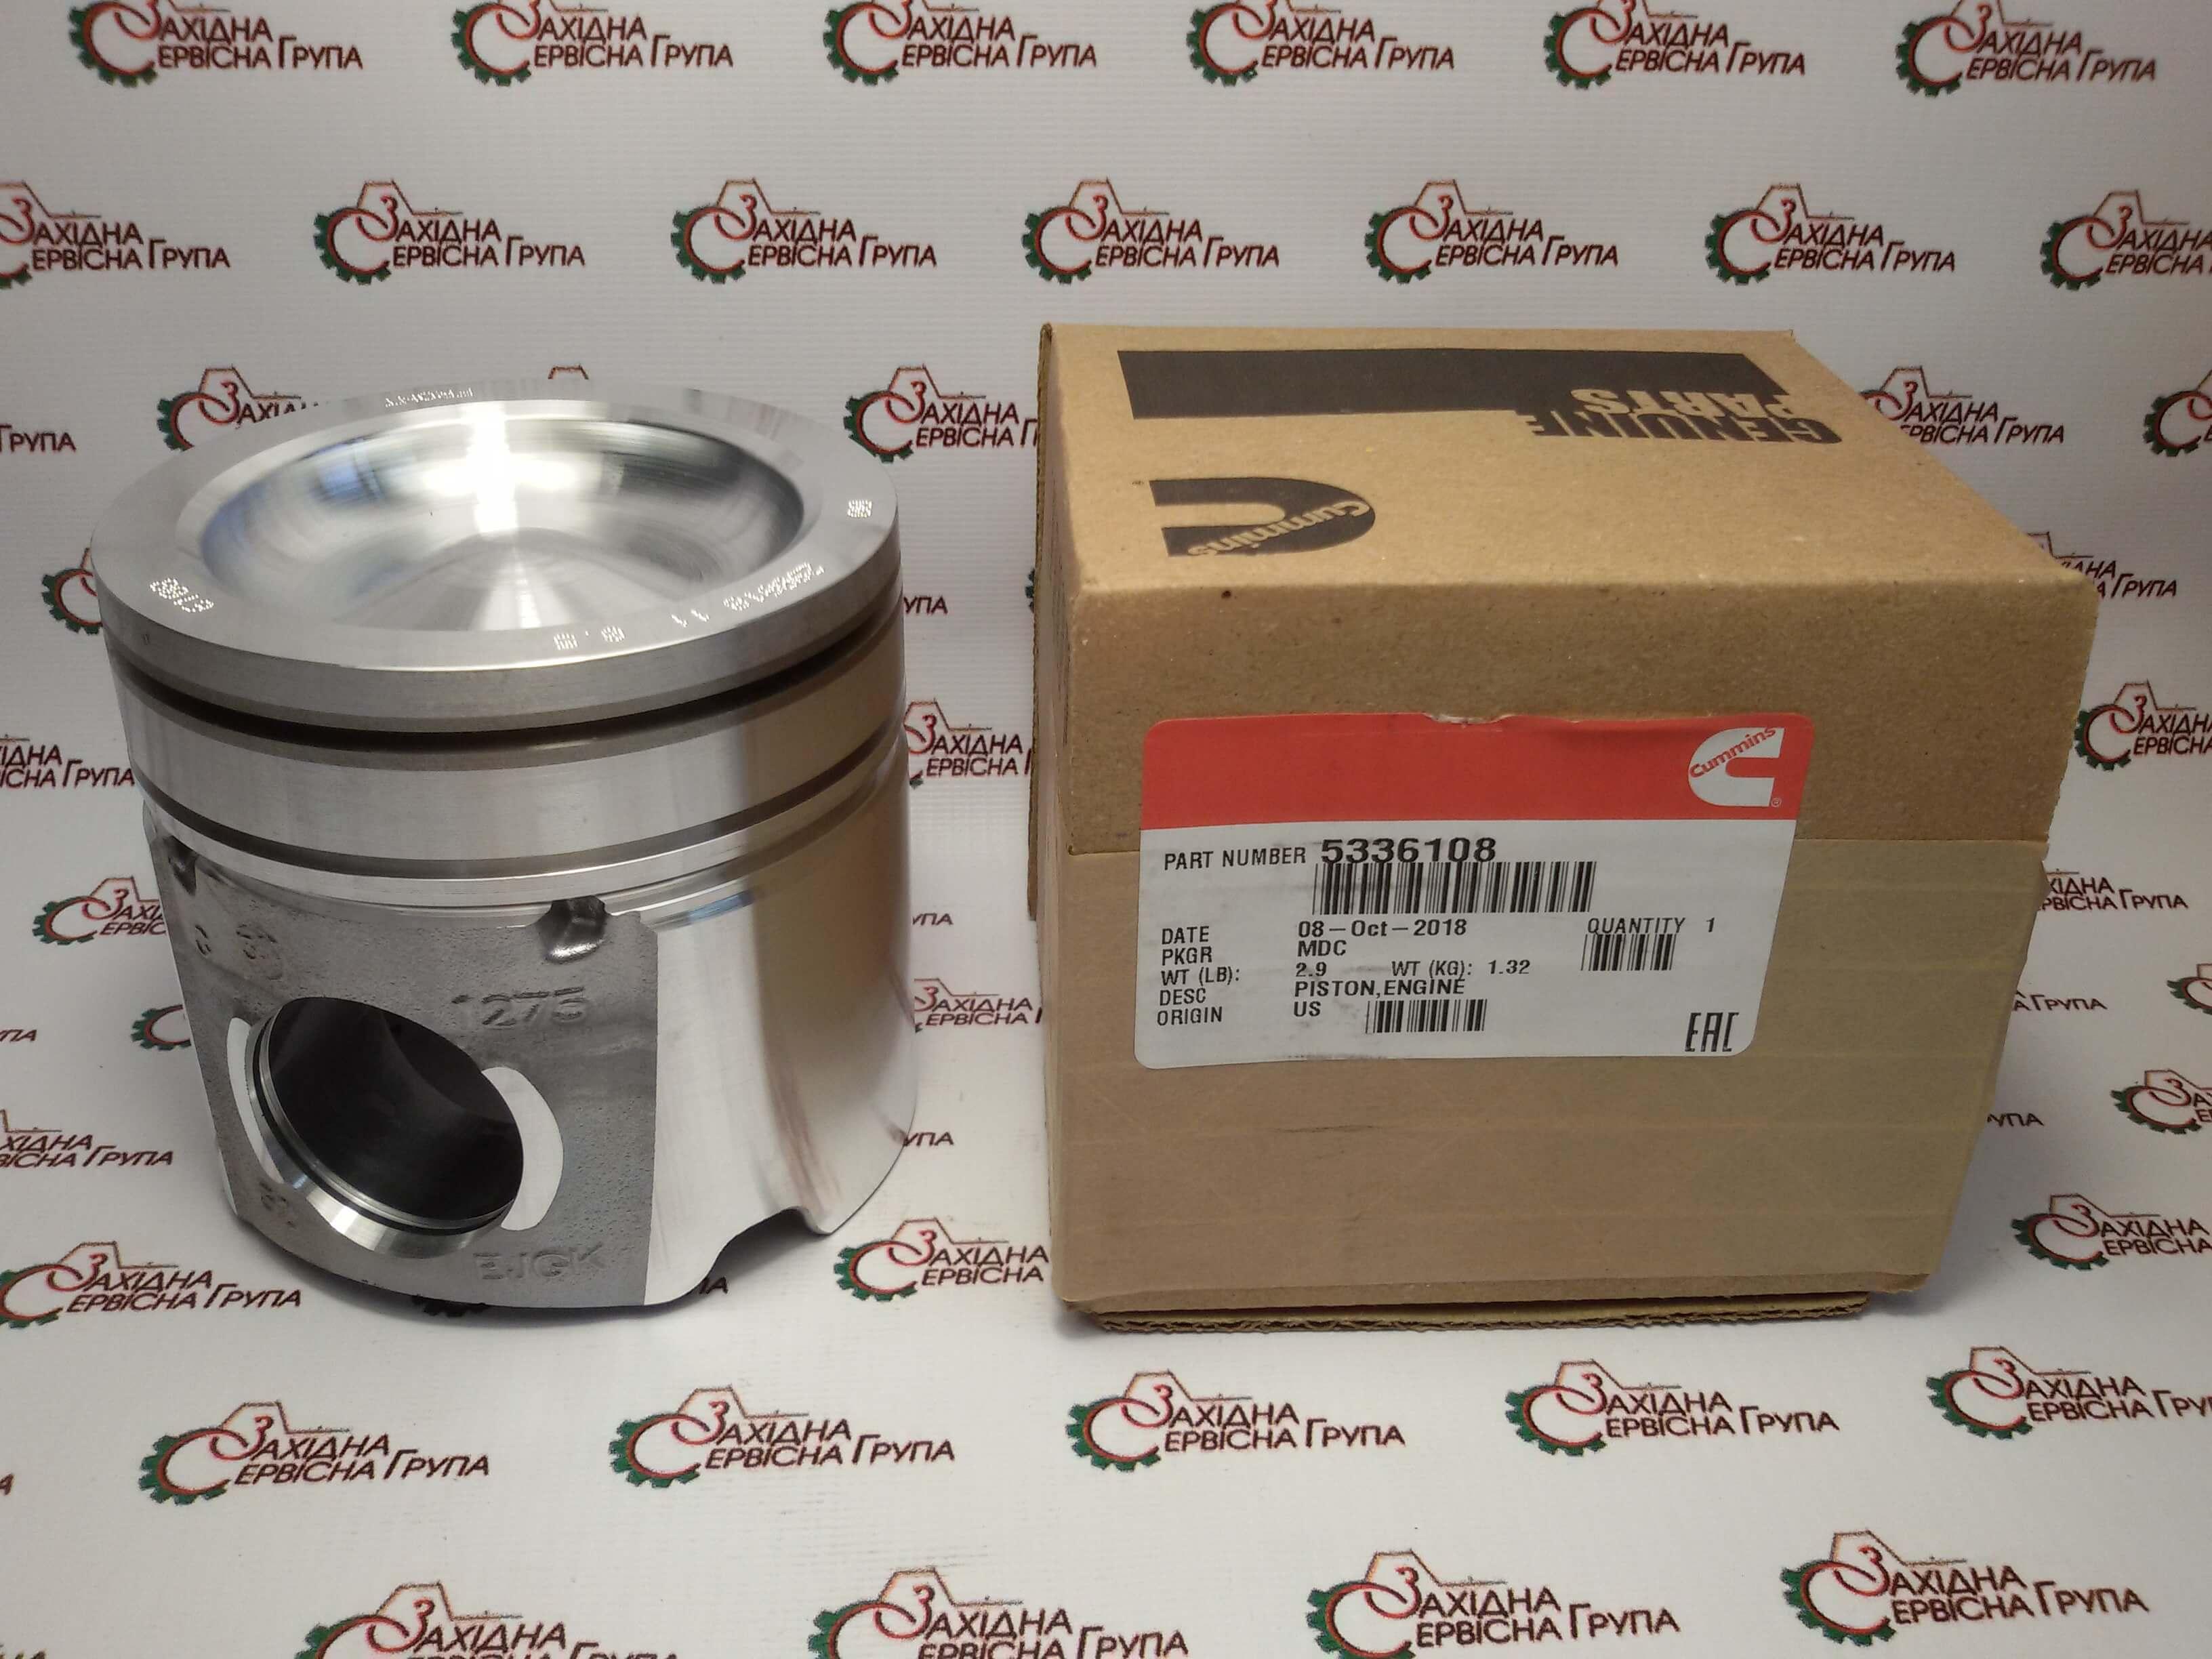 Поршень ремонтный +0.50 мм Cummins QSB6.7, 5336108, 4934816, 4932530.